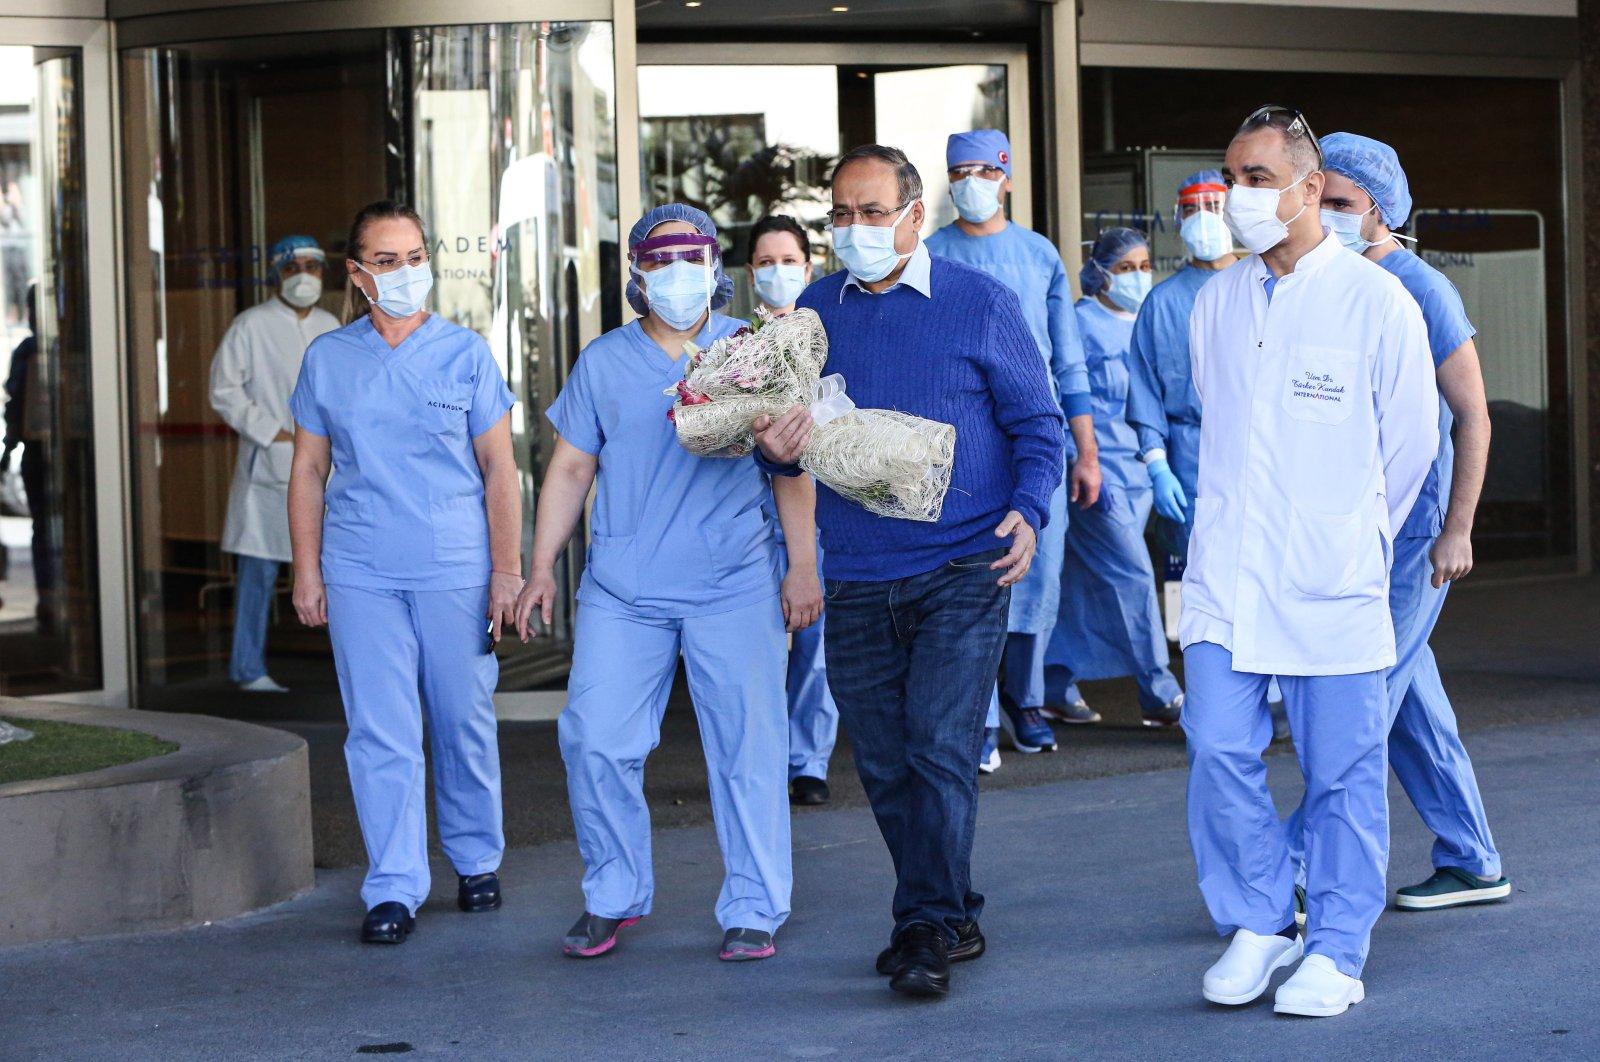 Hospital staff cheer as pulmonologist professor Bülent Tutluoğlu leaves a hospital following his COVID-19 treatment, Istanbul, Turkey, April 14, 2020. (AA Photo)